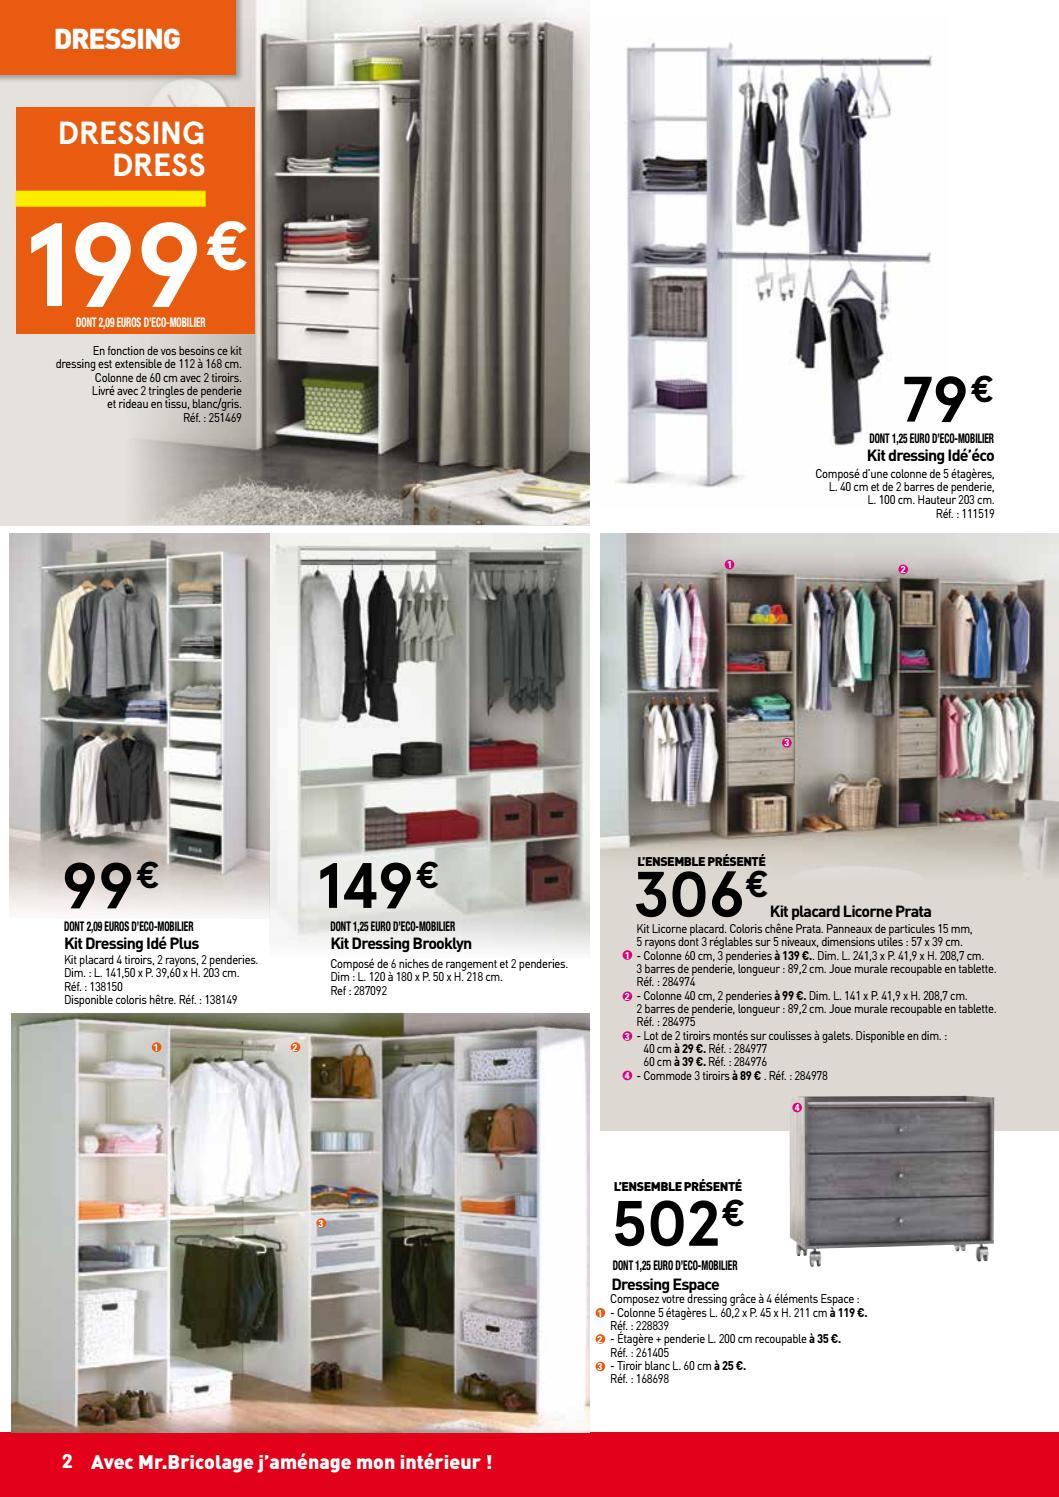 Penderie mr bricolage armoire dressing sur mesure - Porte coulissante entrepot du bricolage ...